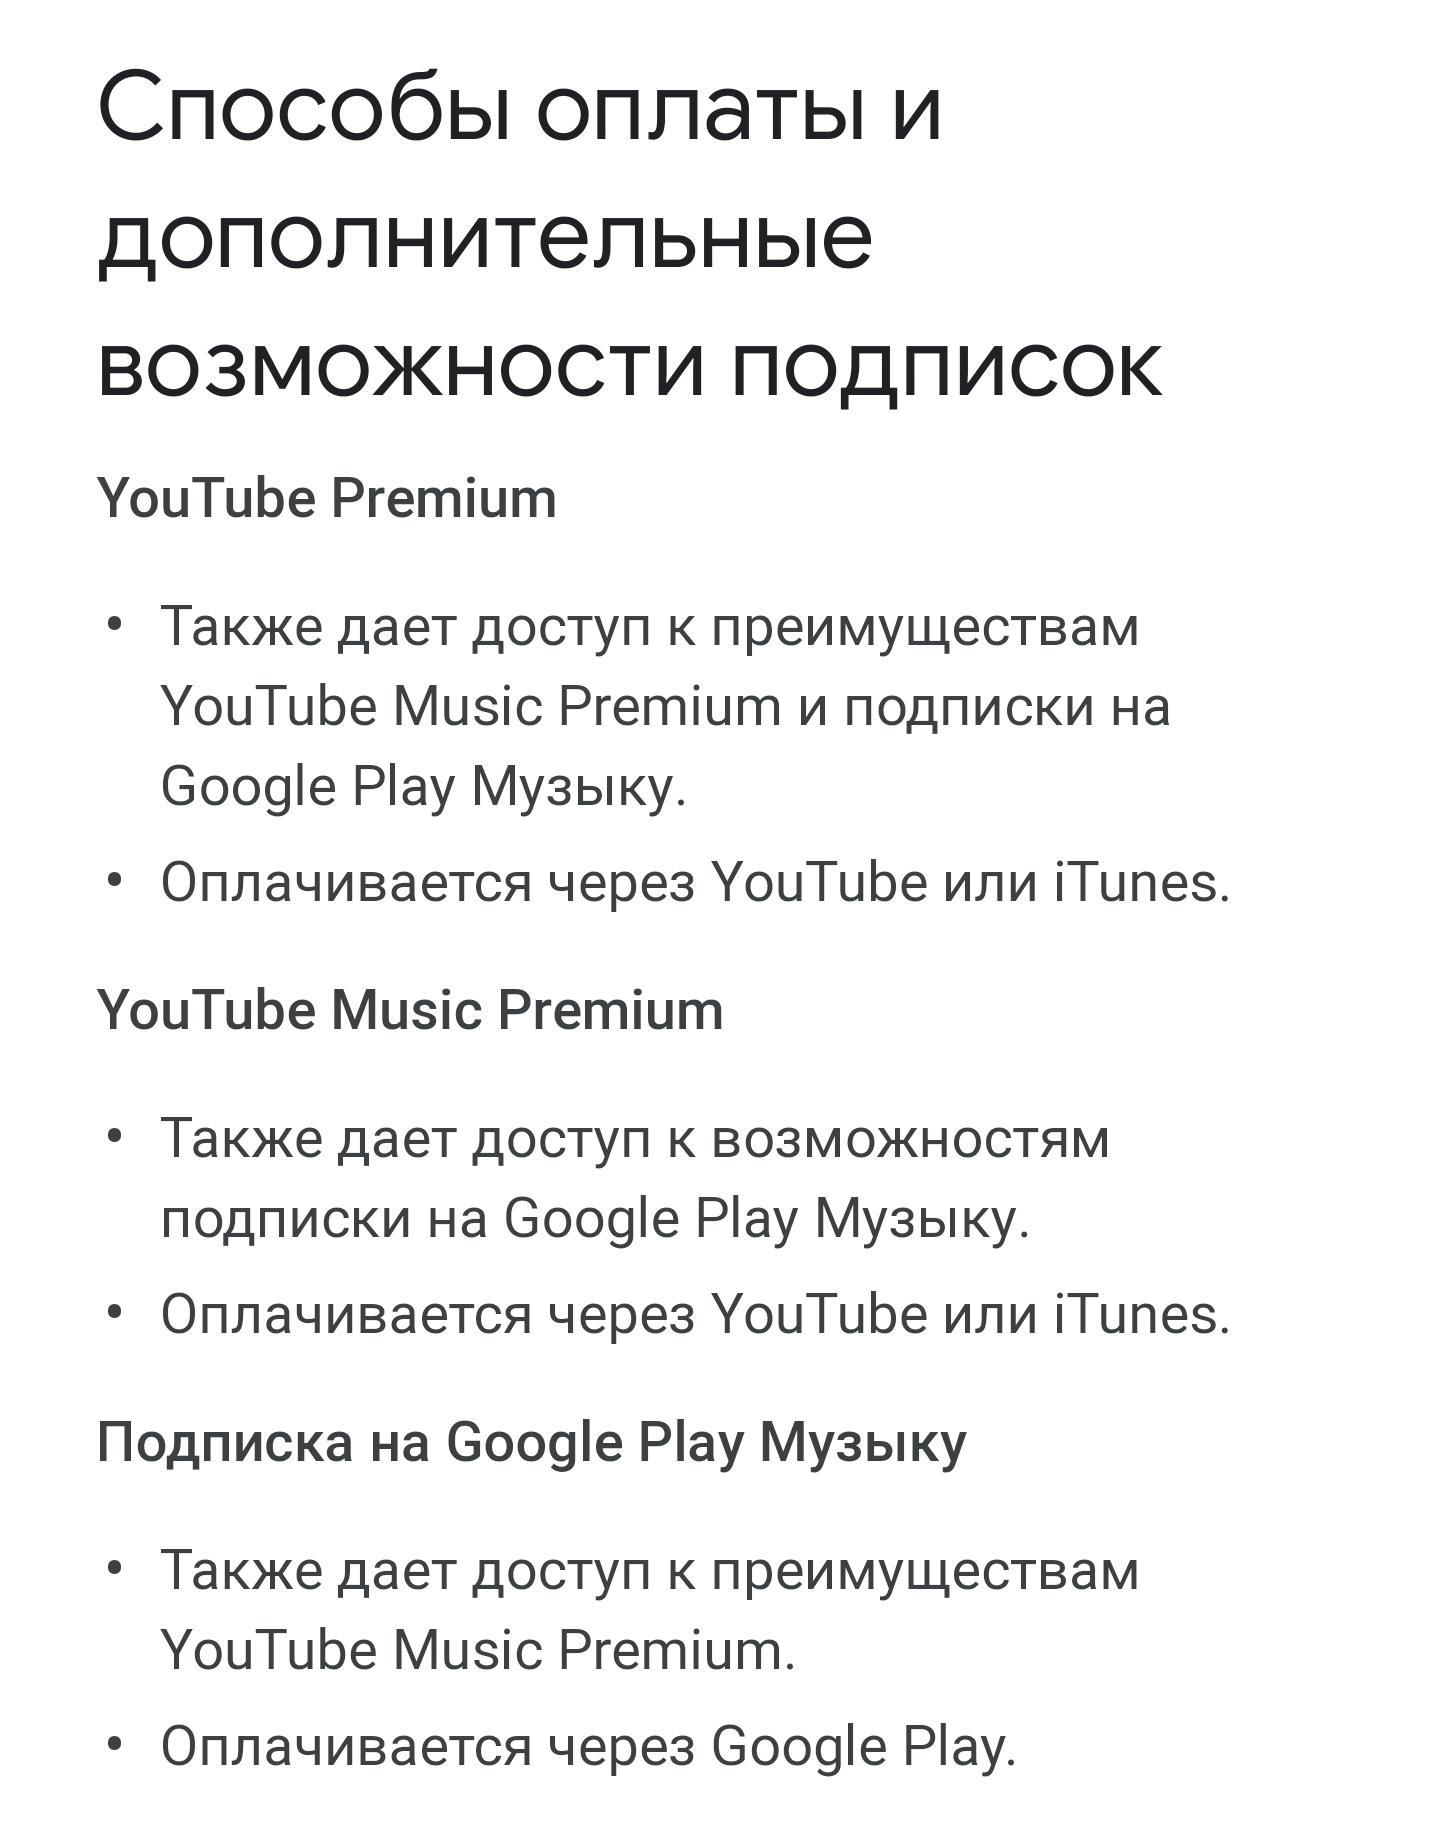 При оформлении youtube premium нет подписки на google play